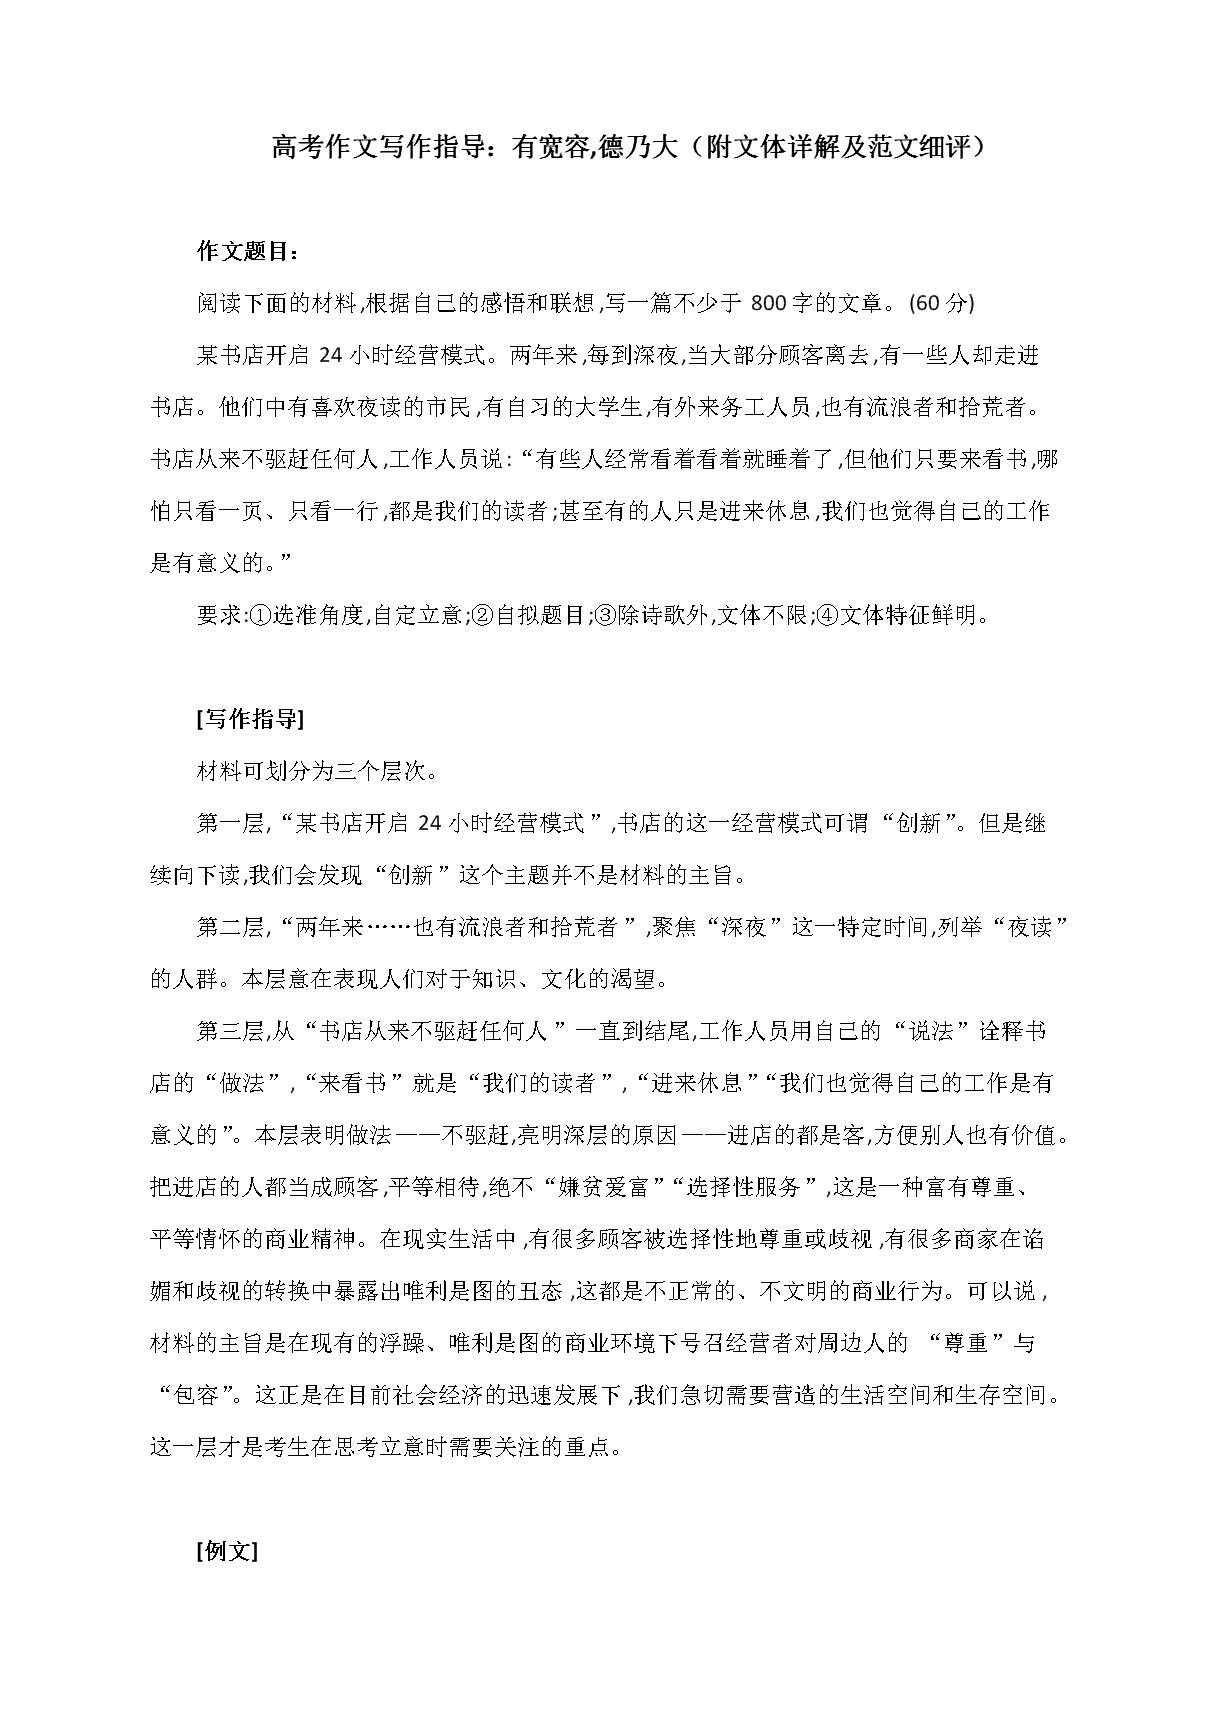 高考作文写作指导:有宽容,德乃大(附文体详解及范文细评).docx